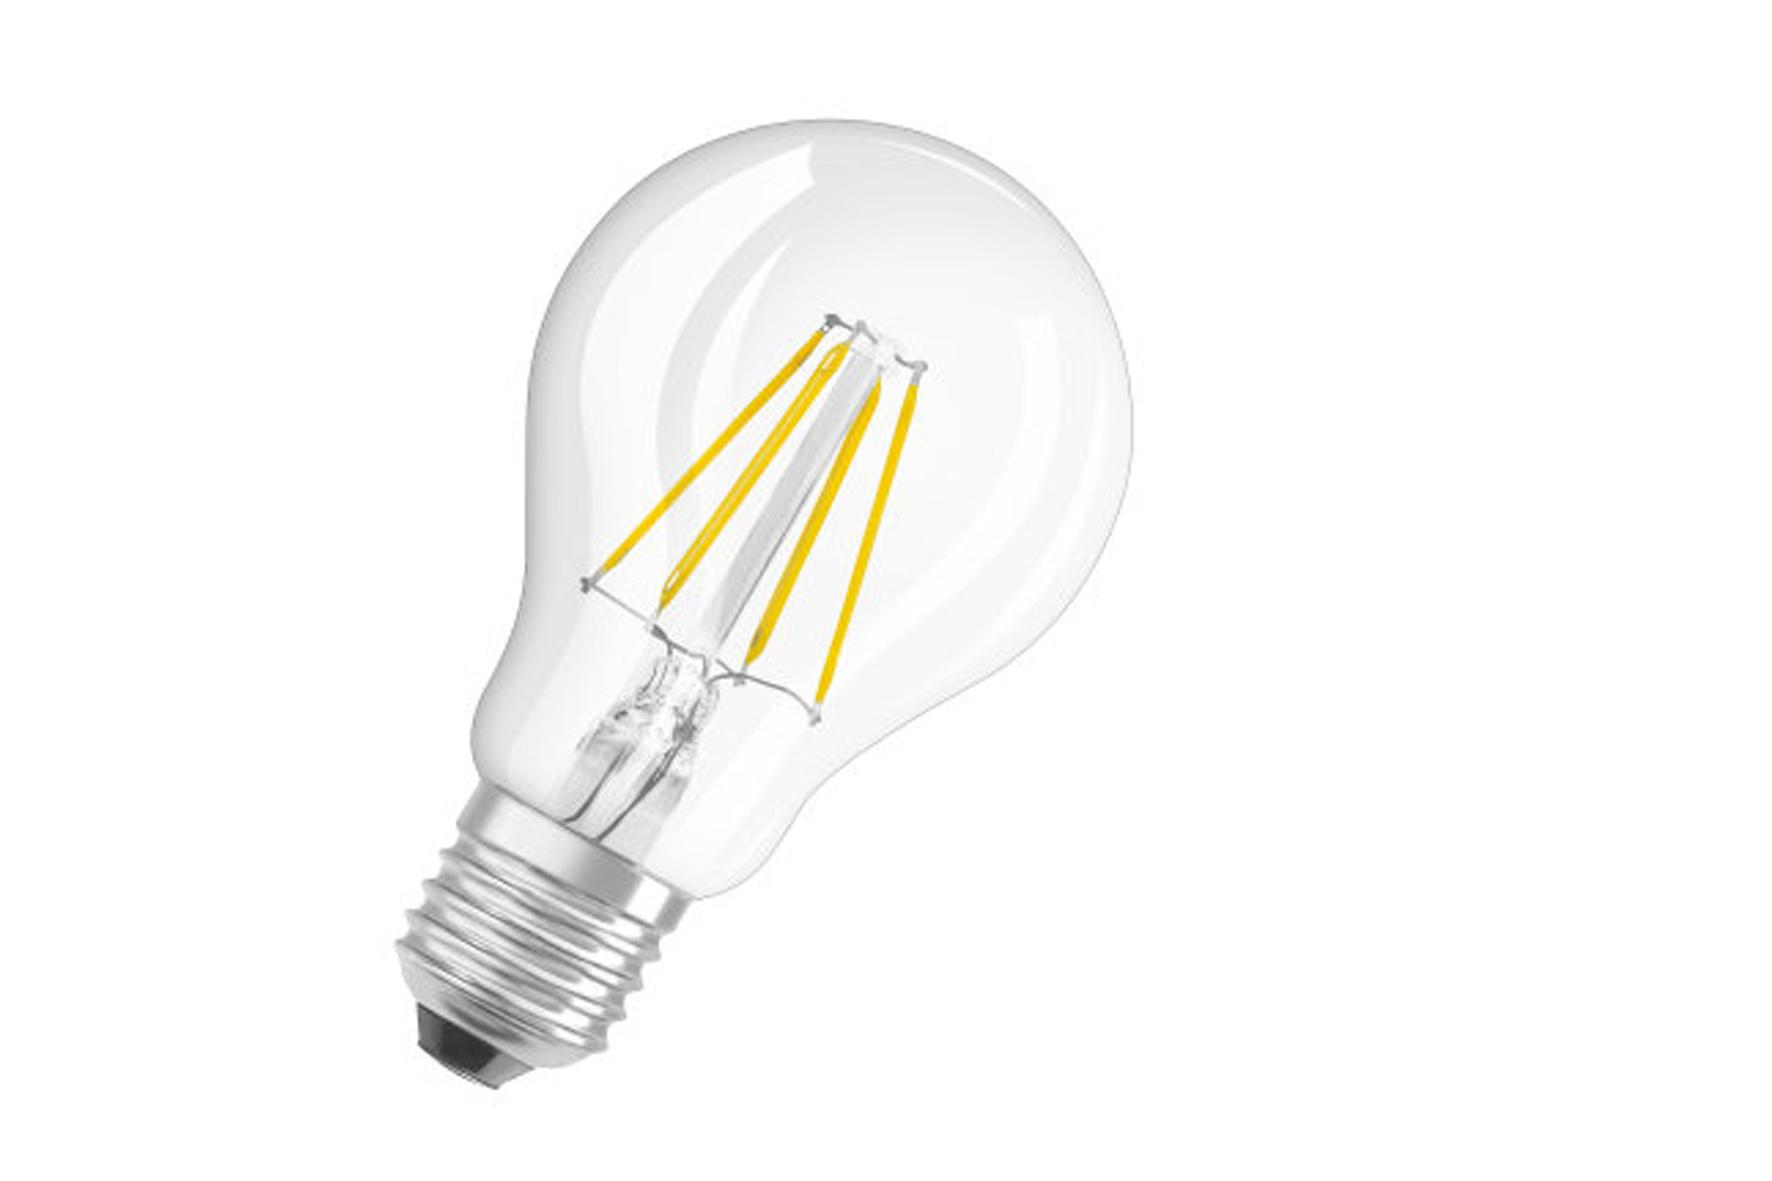 ampoule led e27 retrofit achat en ligne ou dans notre magasin. Black Bedroom Furniture Sets. Home Design Ideas